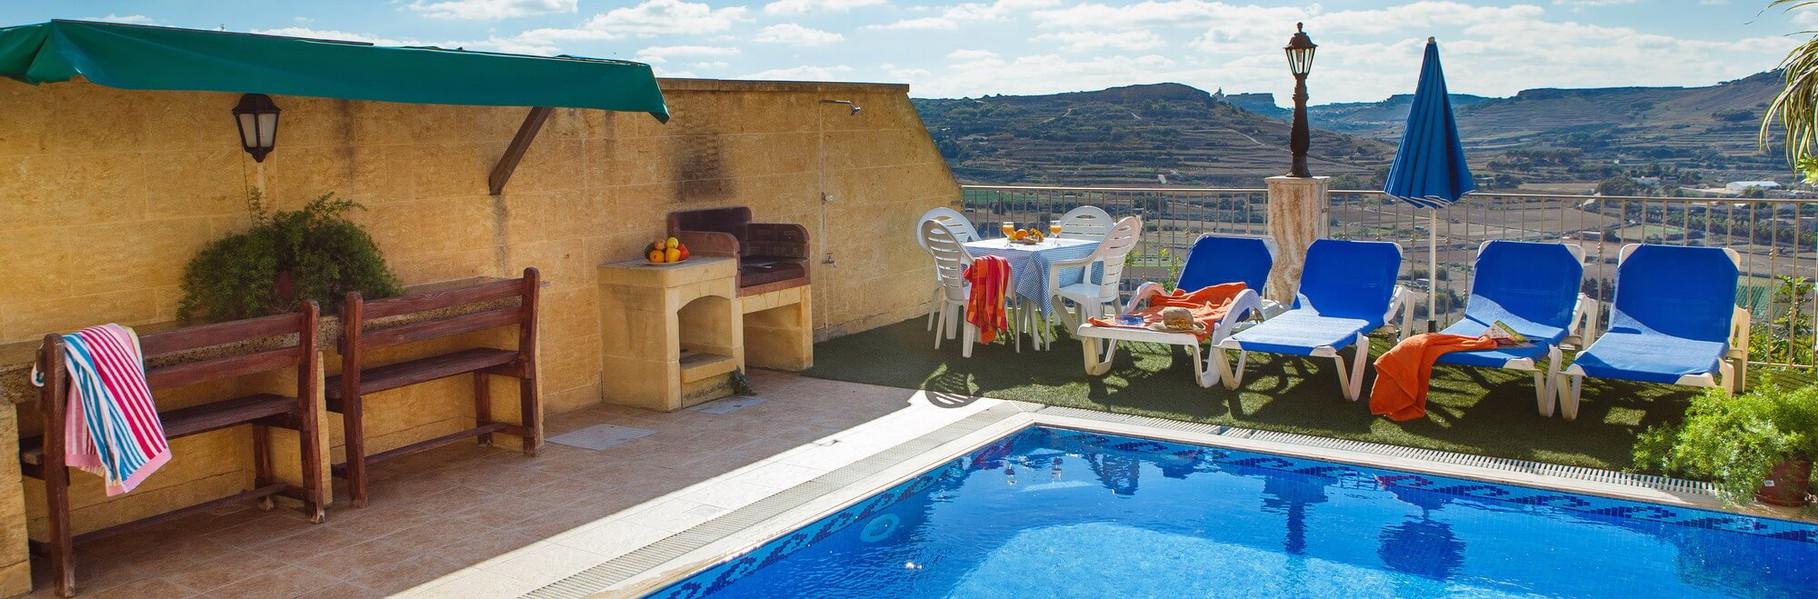 farmhouse-Cik-outdoor-pool.jpg